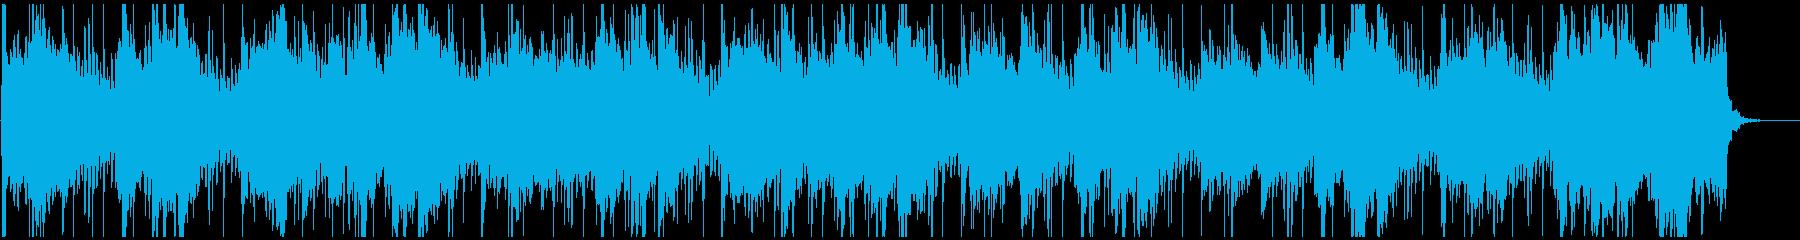 尺八メインの和風曲の再生済みの波形